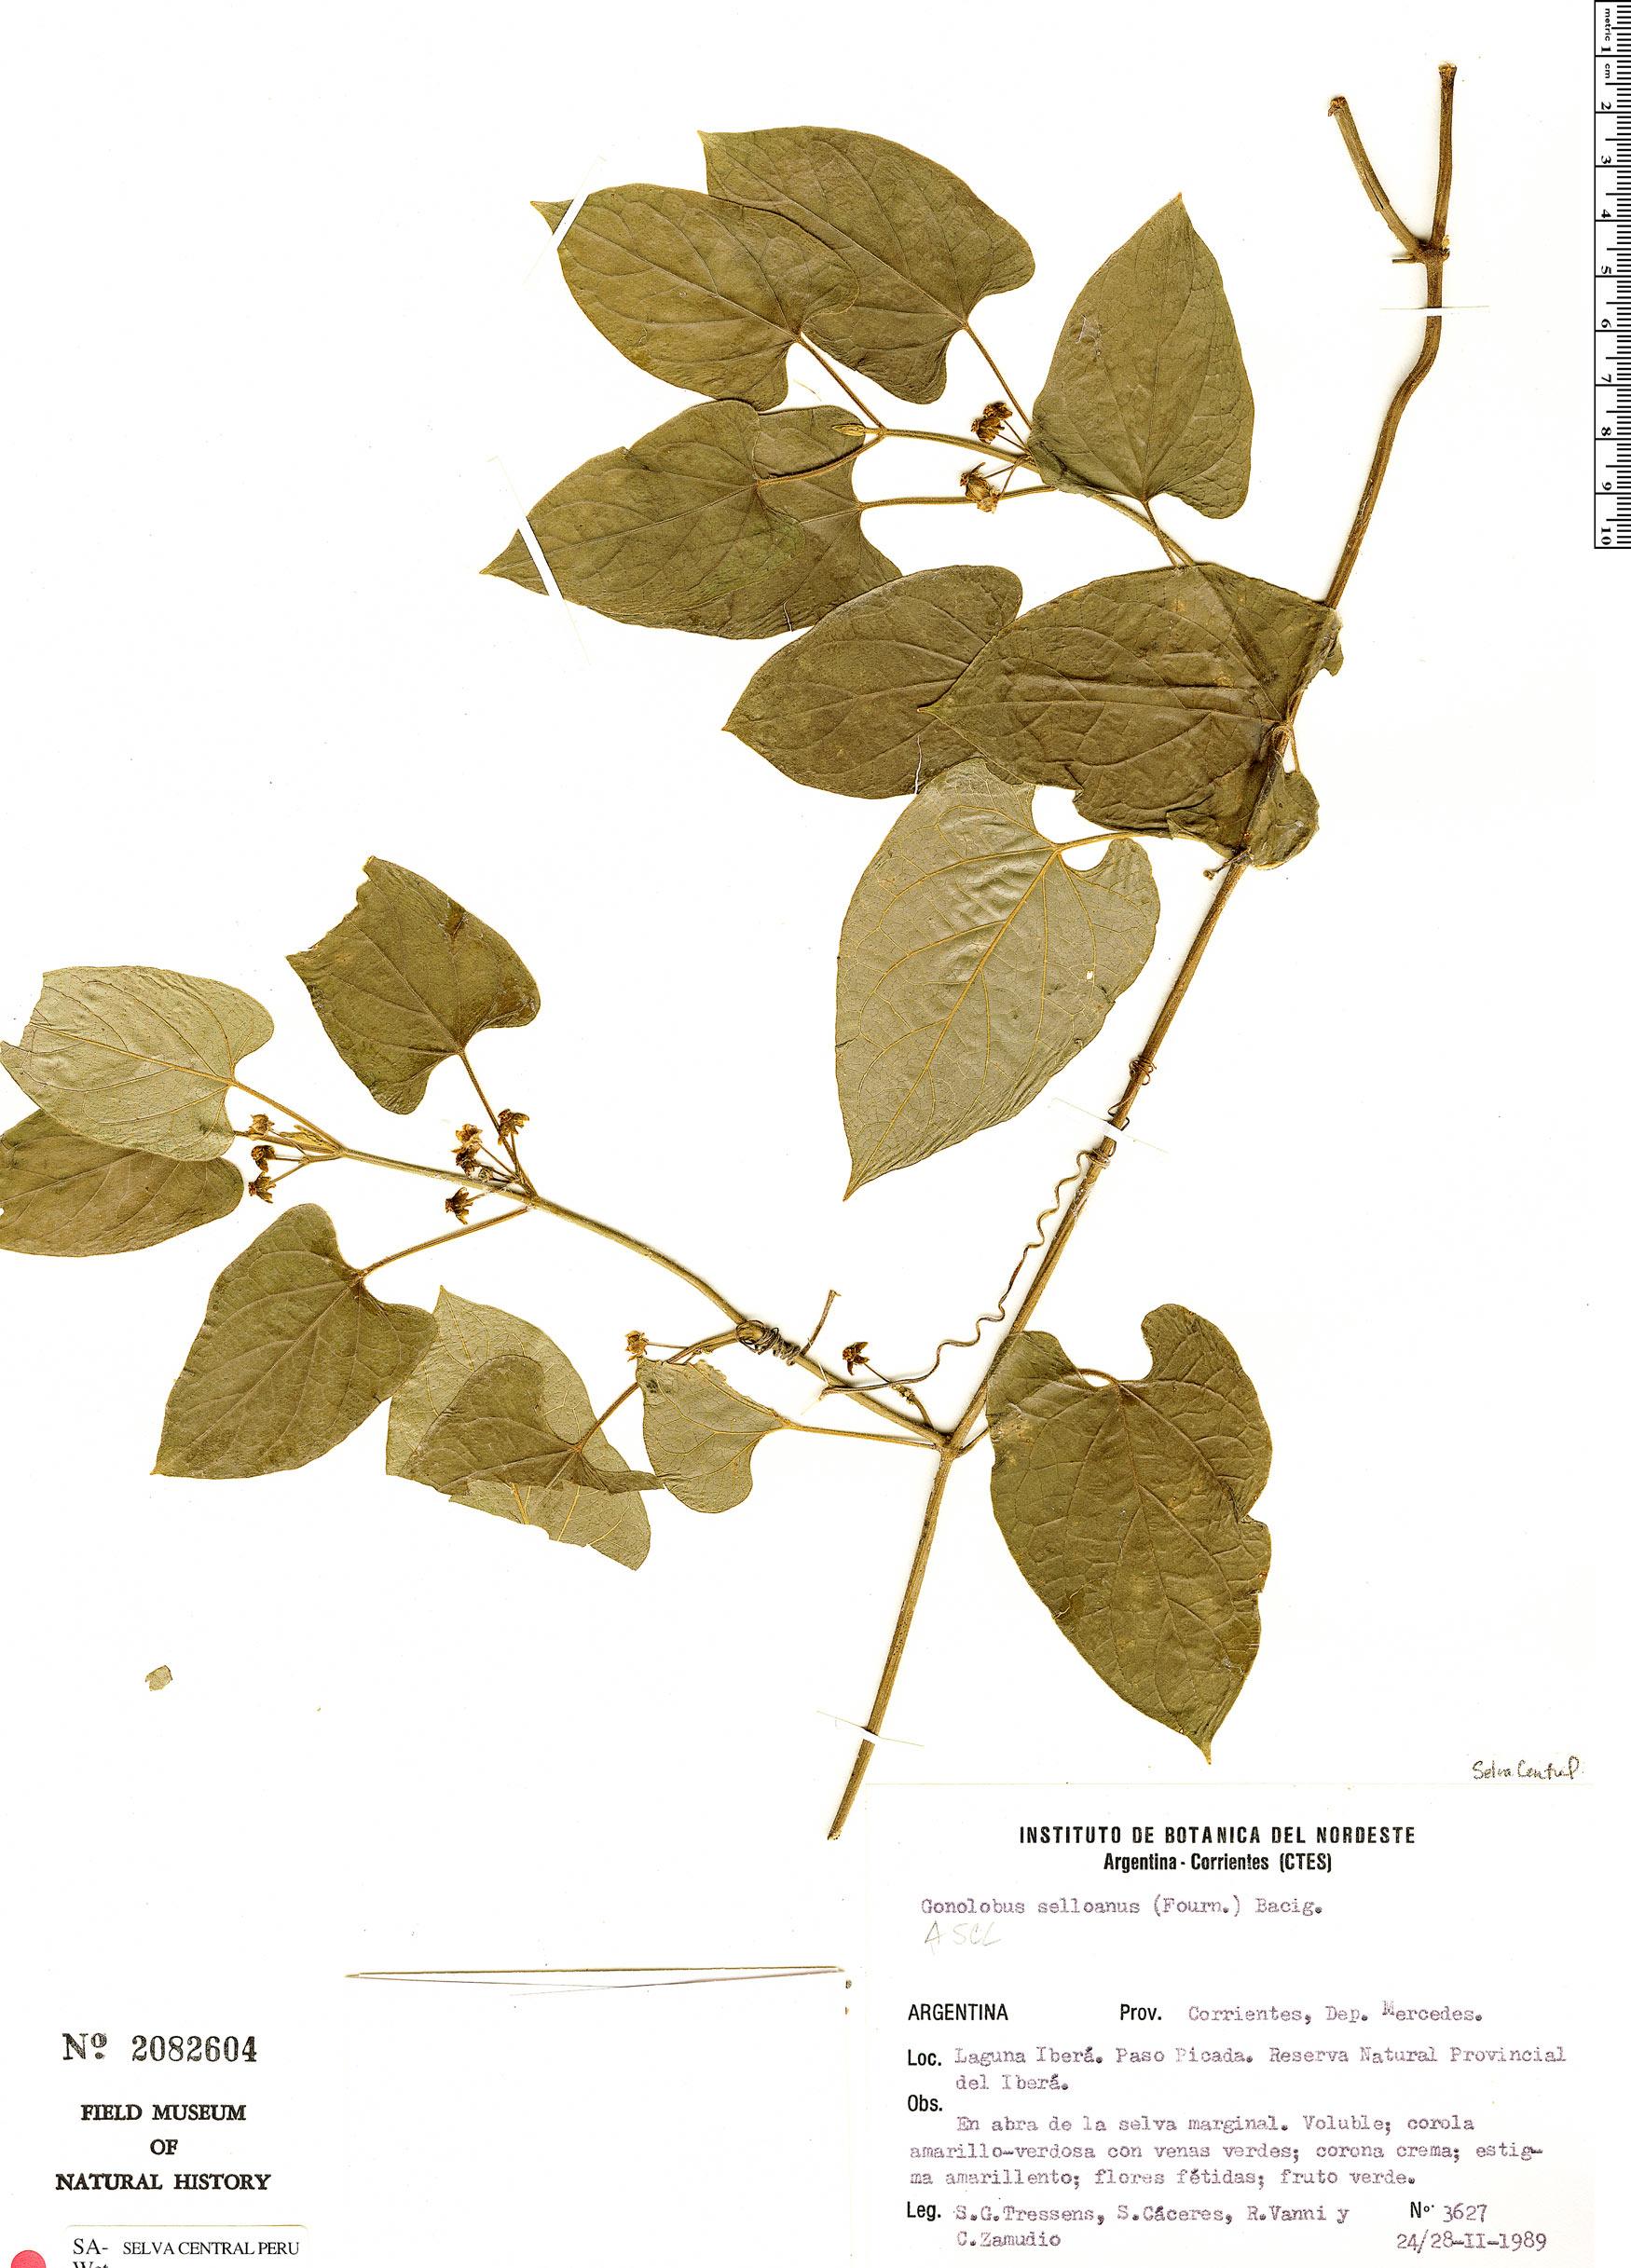 Specimen: Gonolobus selloanus